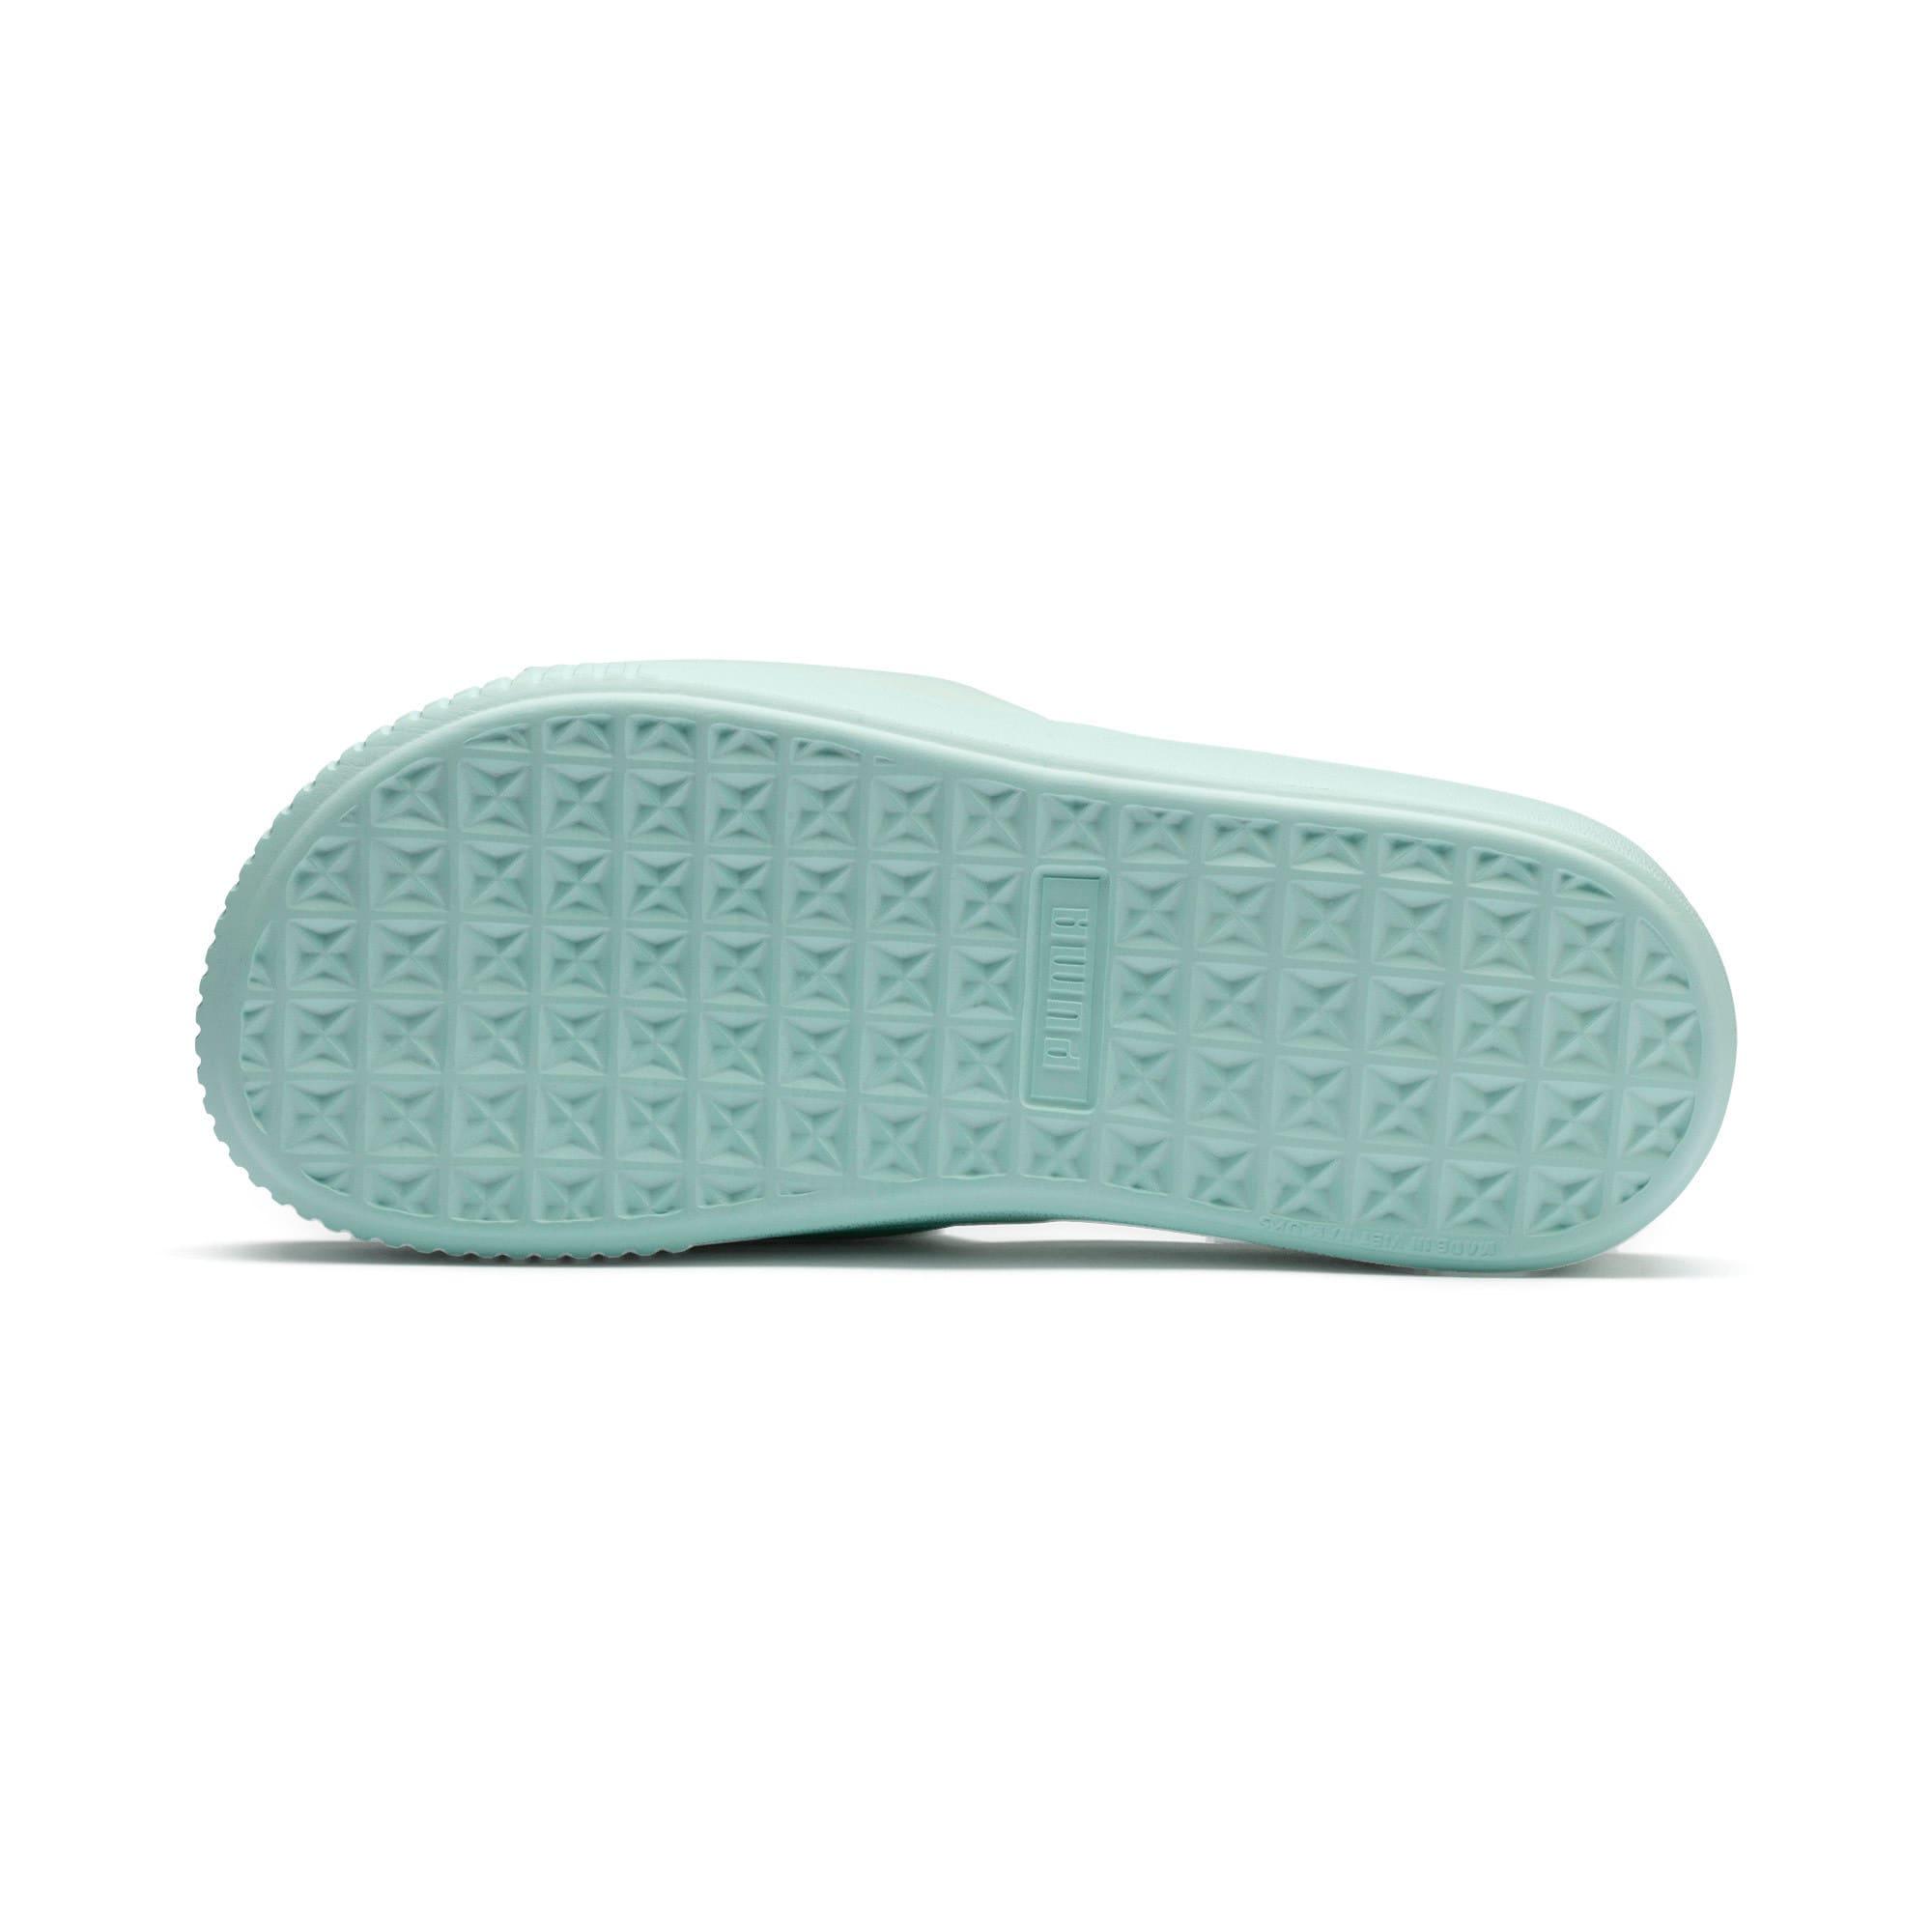 Thumbnail 4 of Platform Slide Women's Sandals, Fair Aqua-Fair Aqua, medium